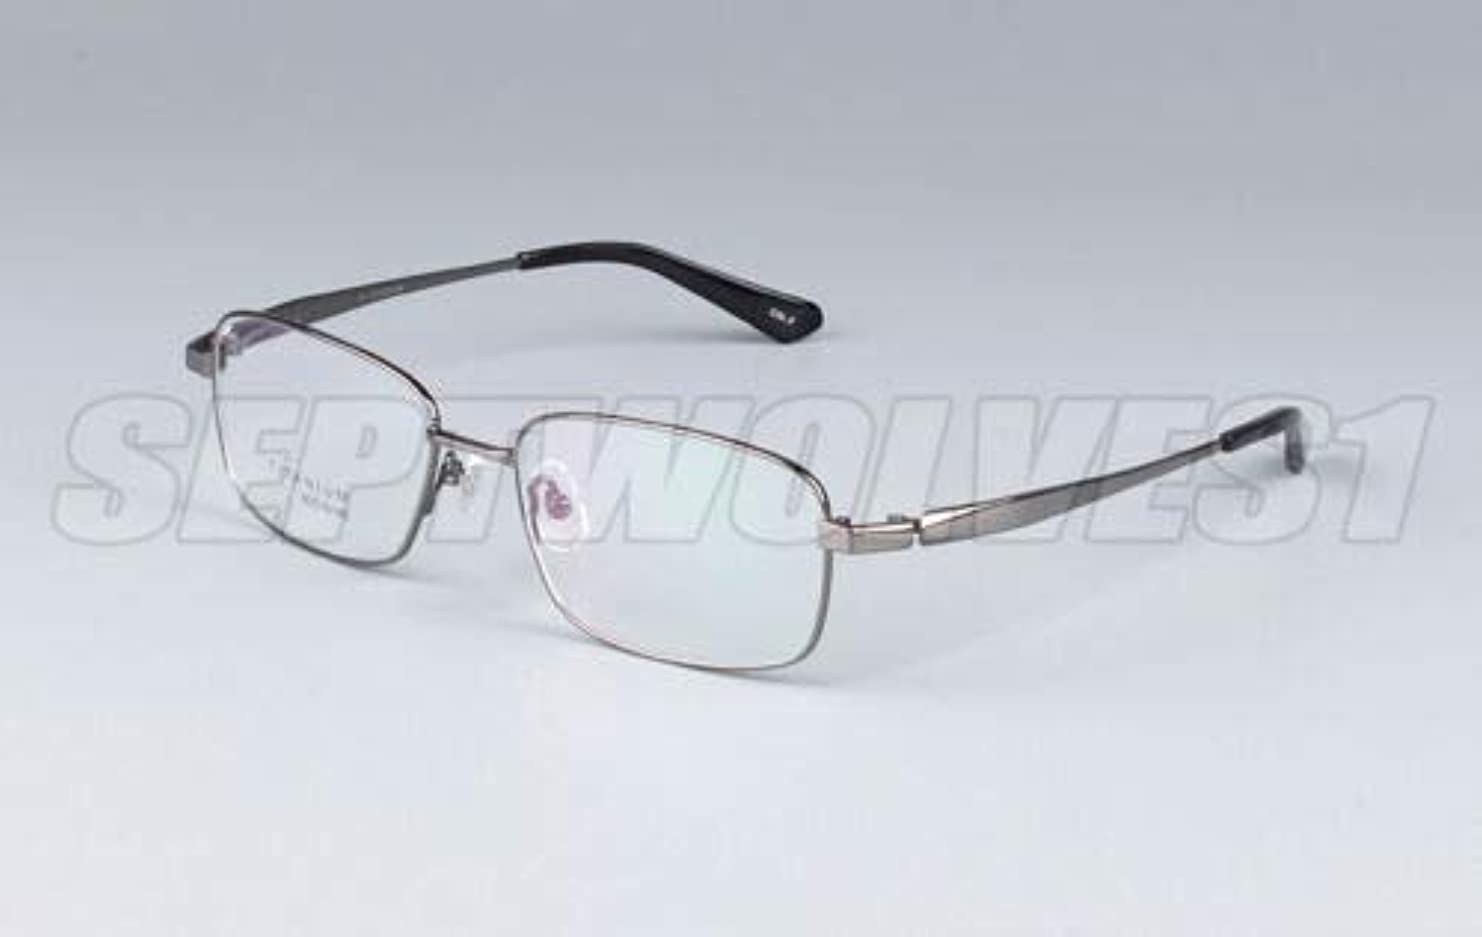 司教ショッキングプレゼントFidgetGear メンズ純チタン老眼鏡UV400コーティングレンズリーダー+0.00?+ 5.00 ガンメタル